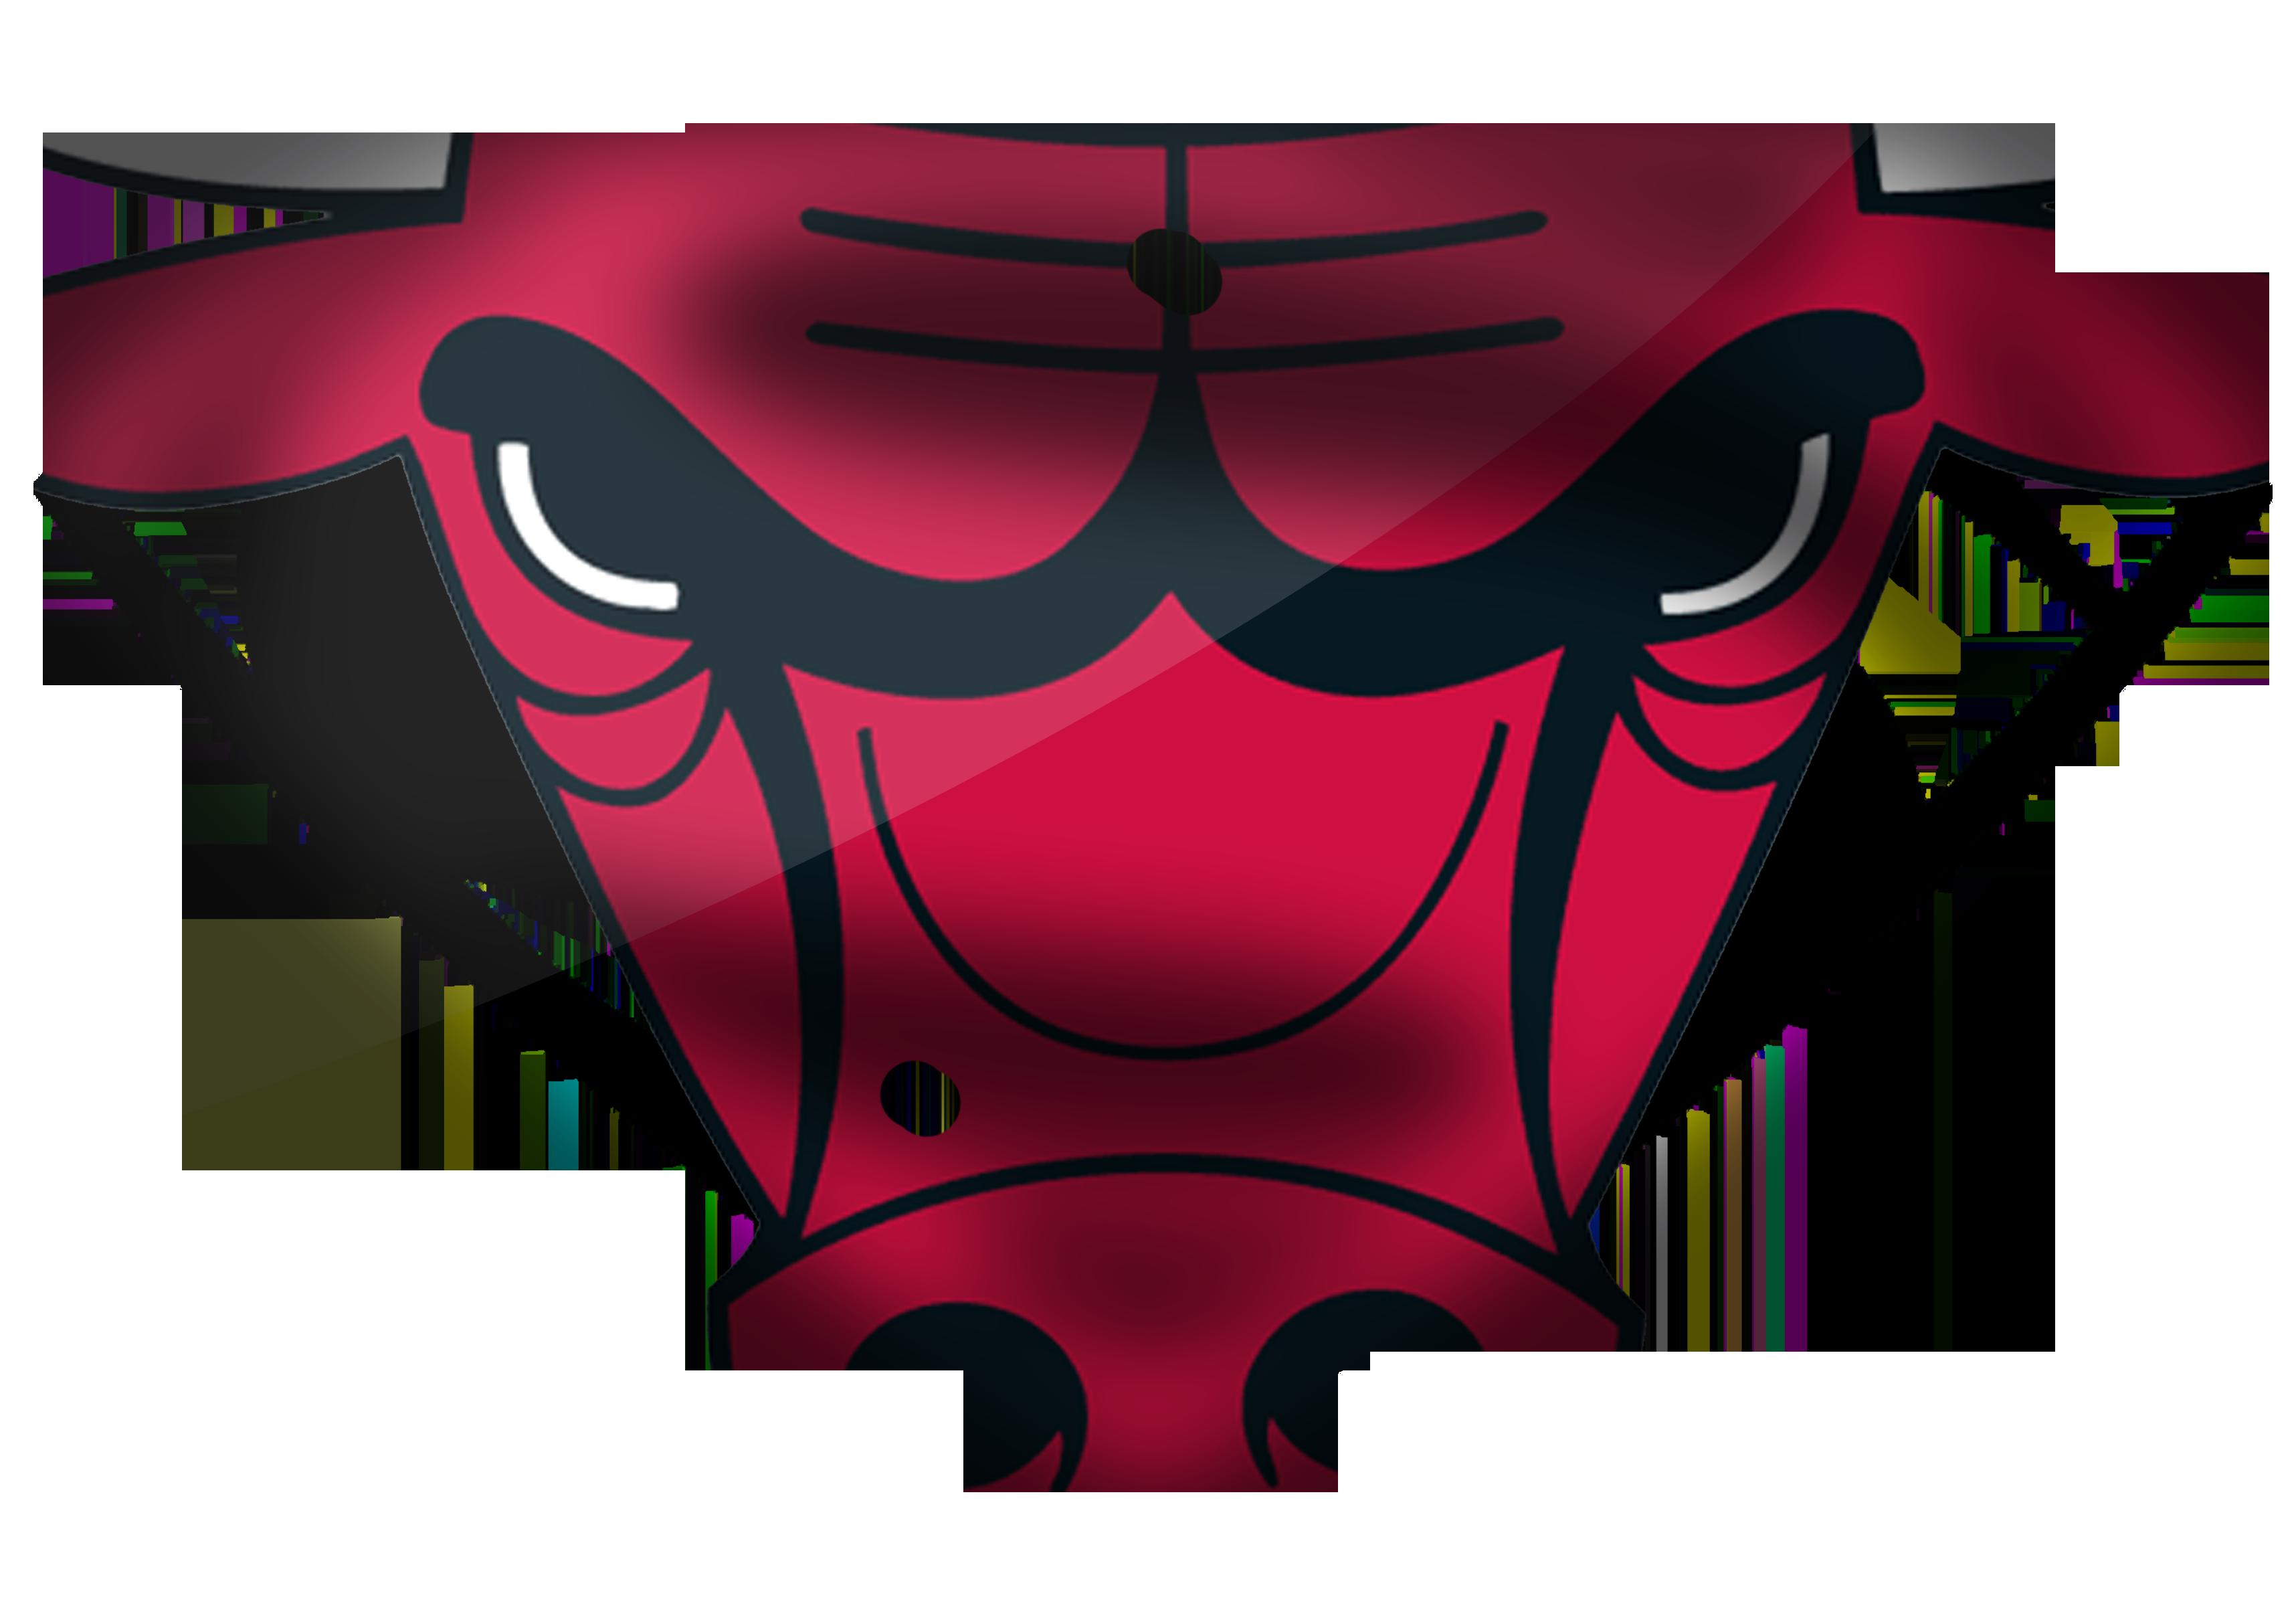 Jersey clipart chicago bulls jersey. Imgur